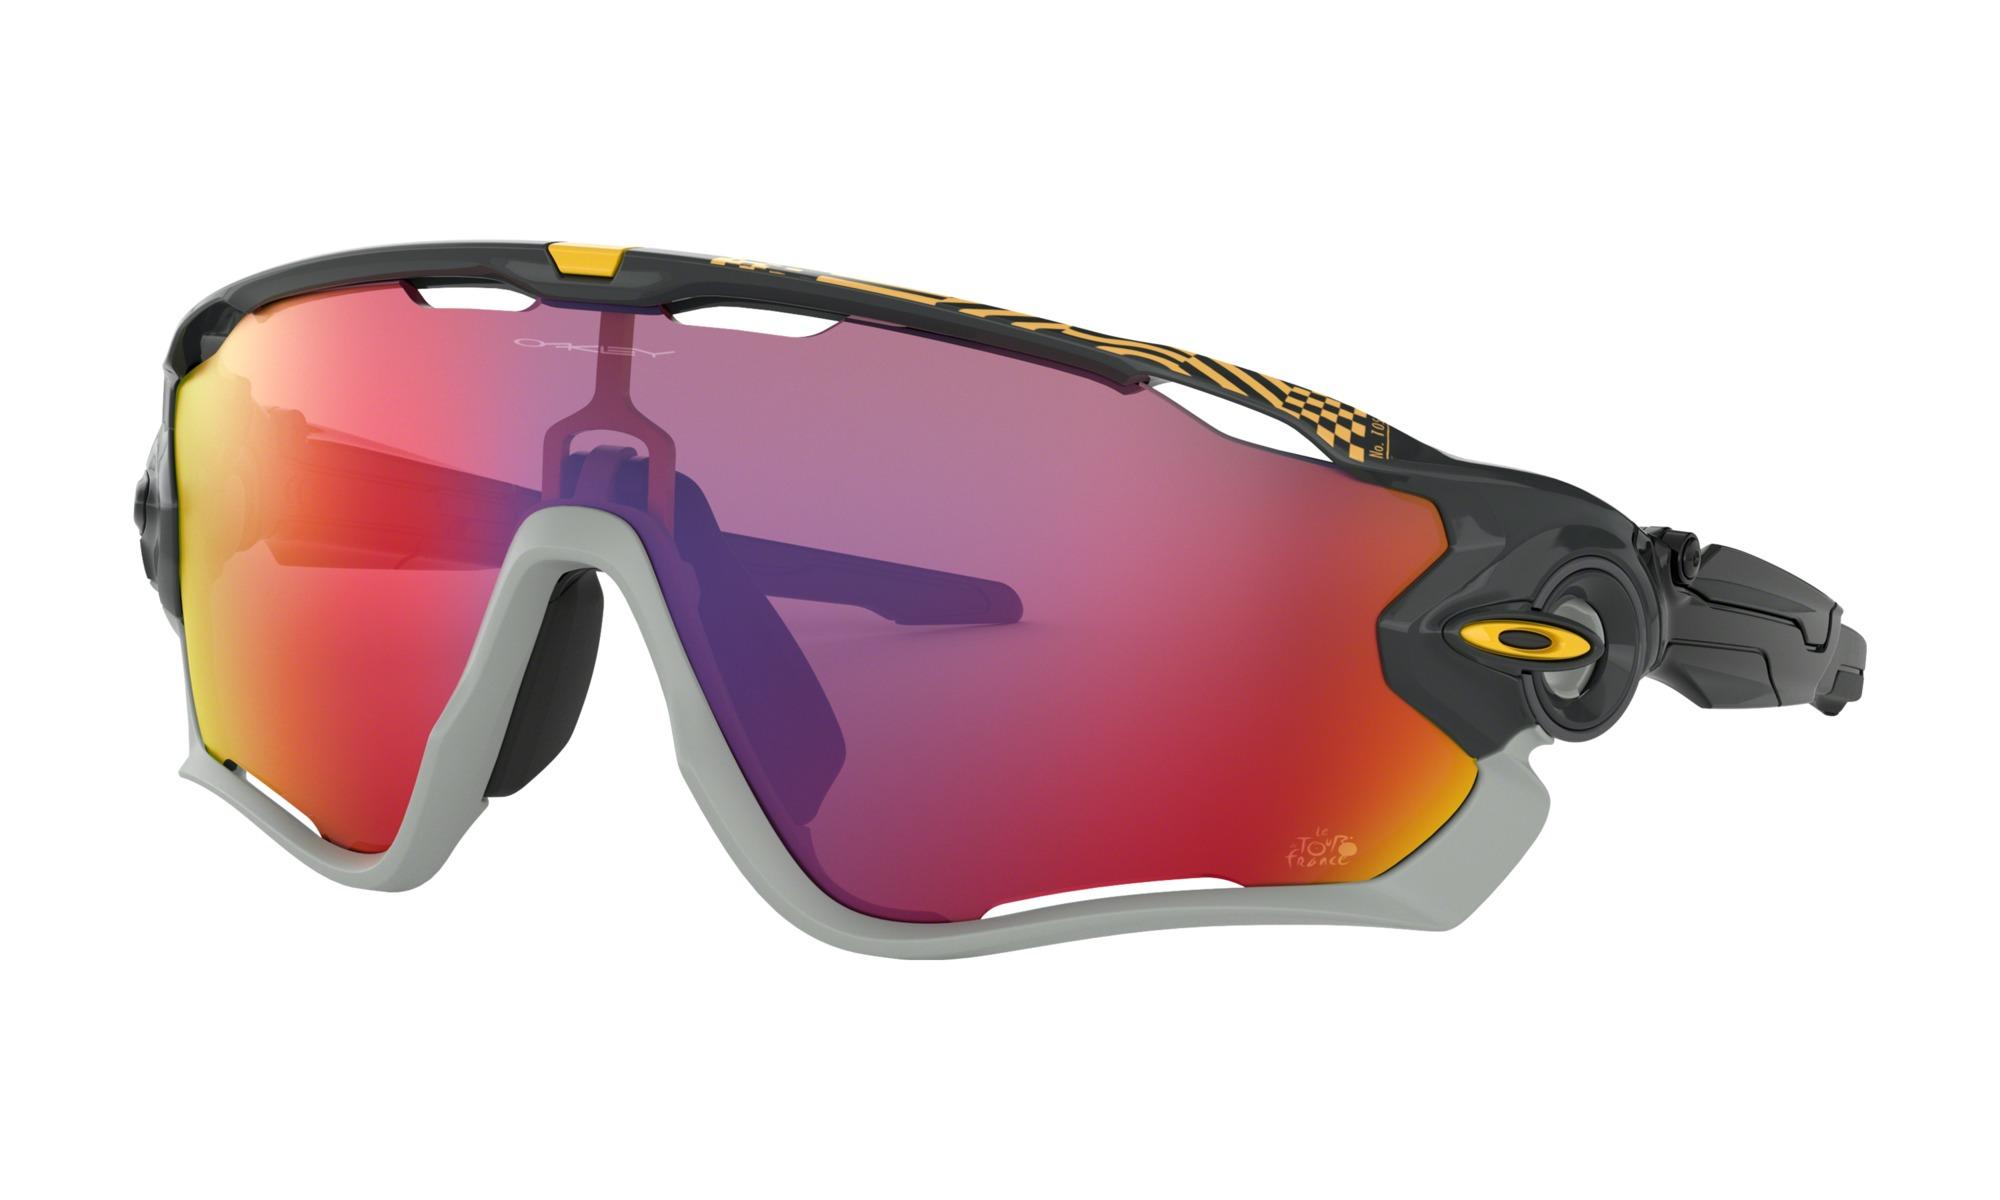 Shop Nouvelle Tranzport Sunglasses Marque Oakley dhtsQr